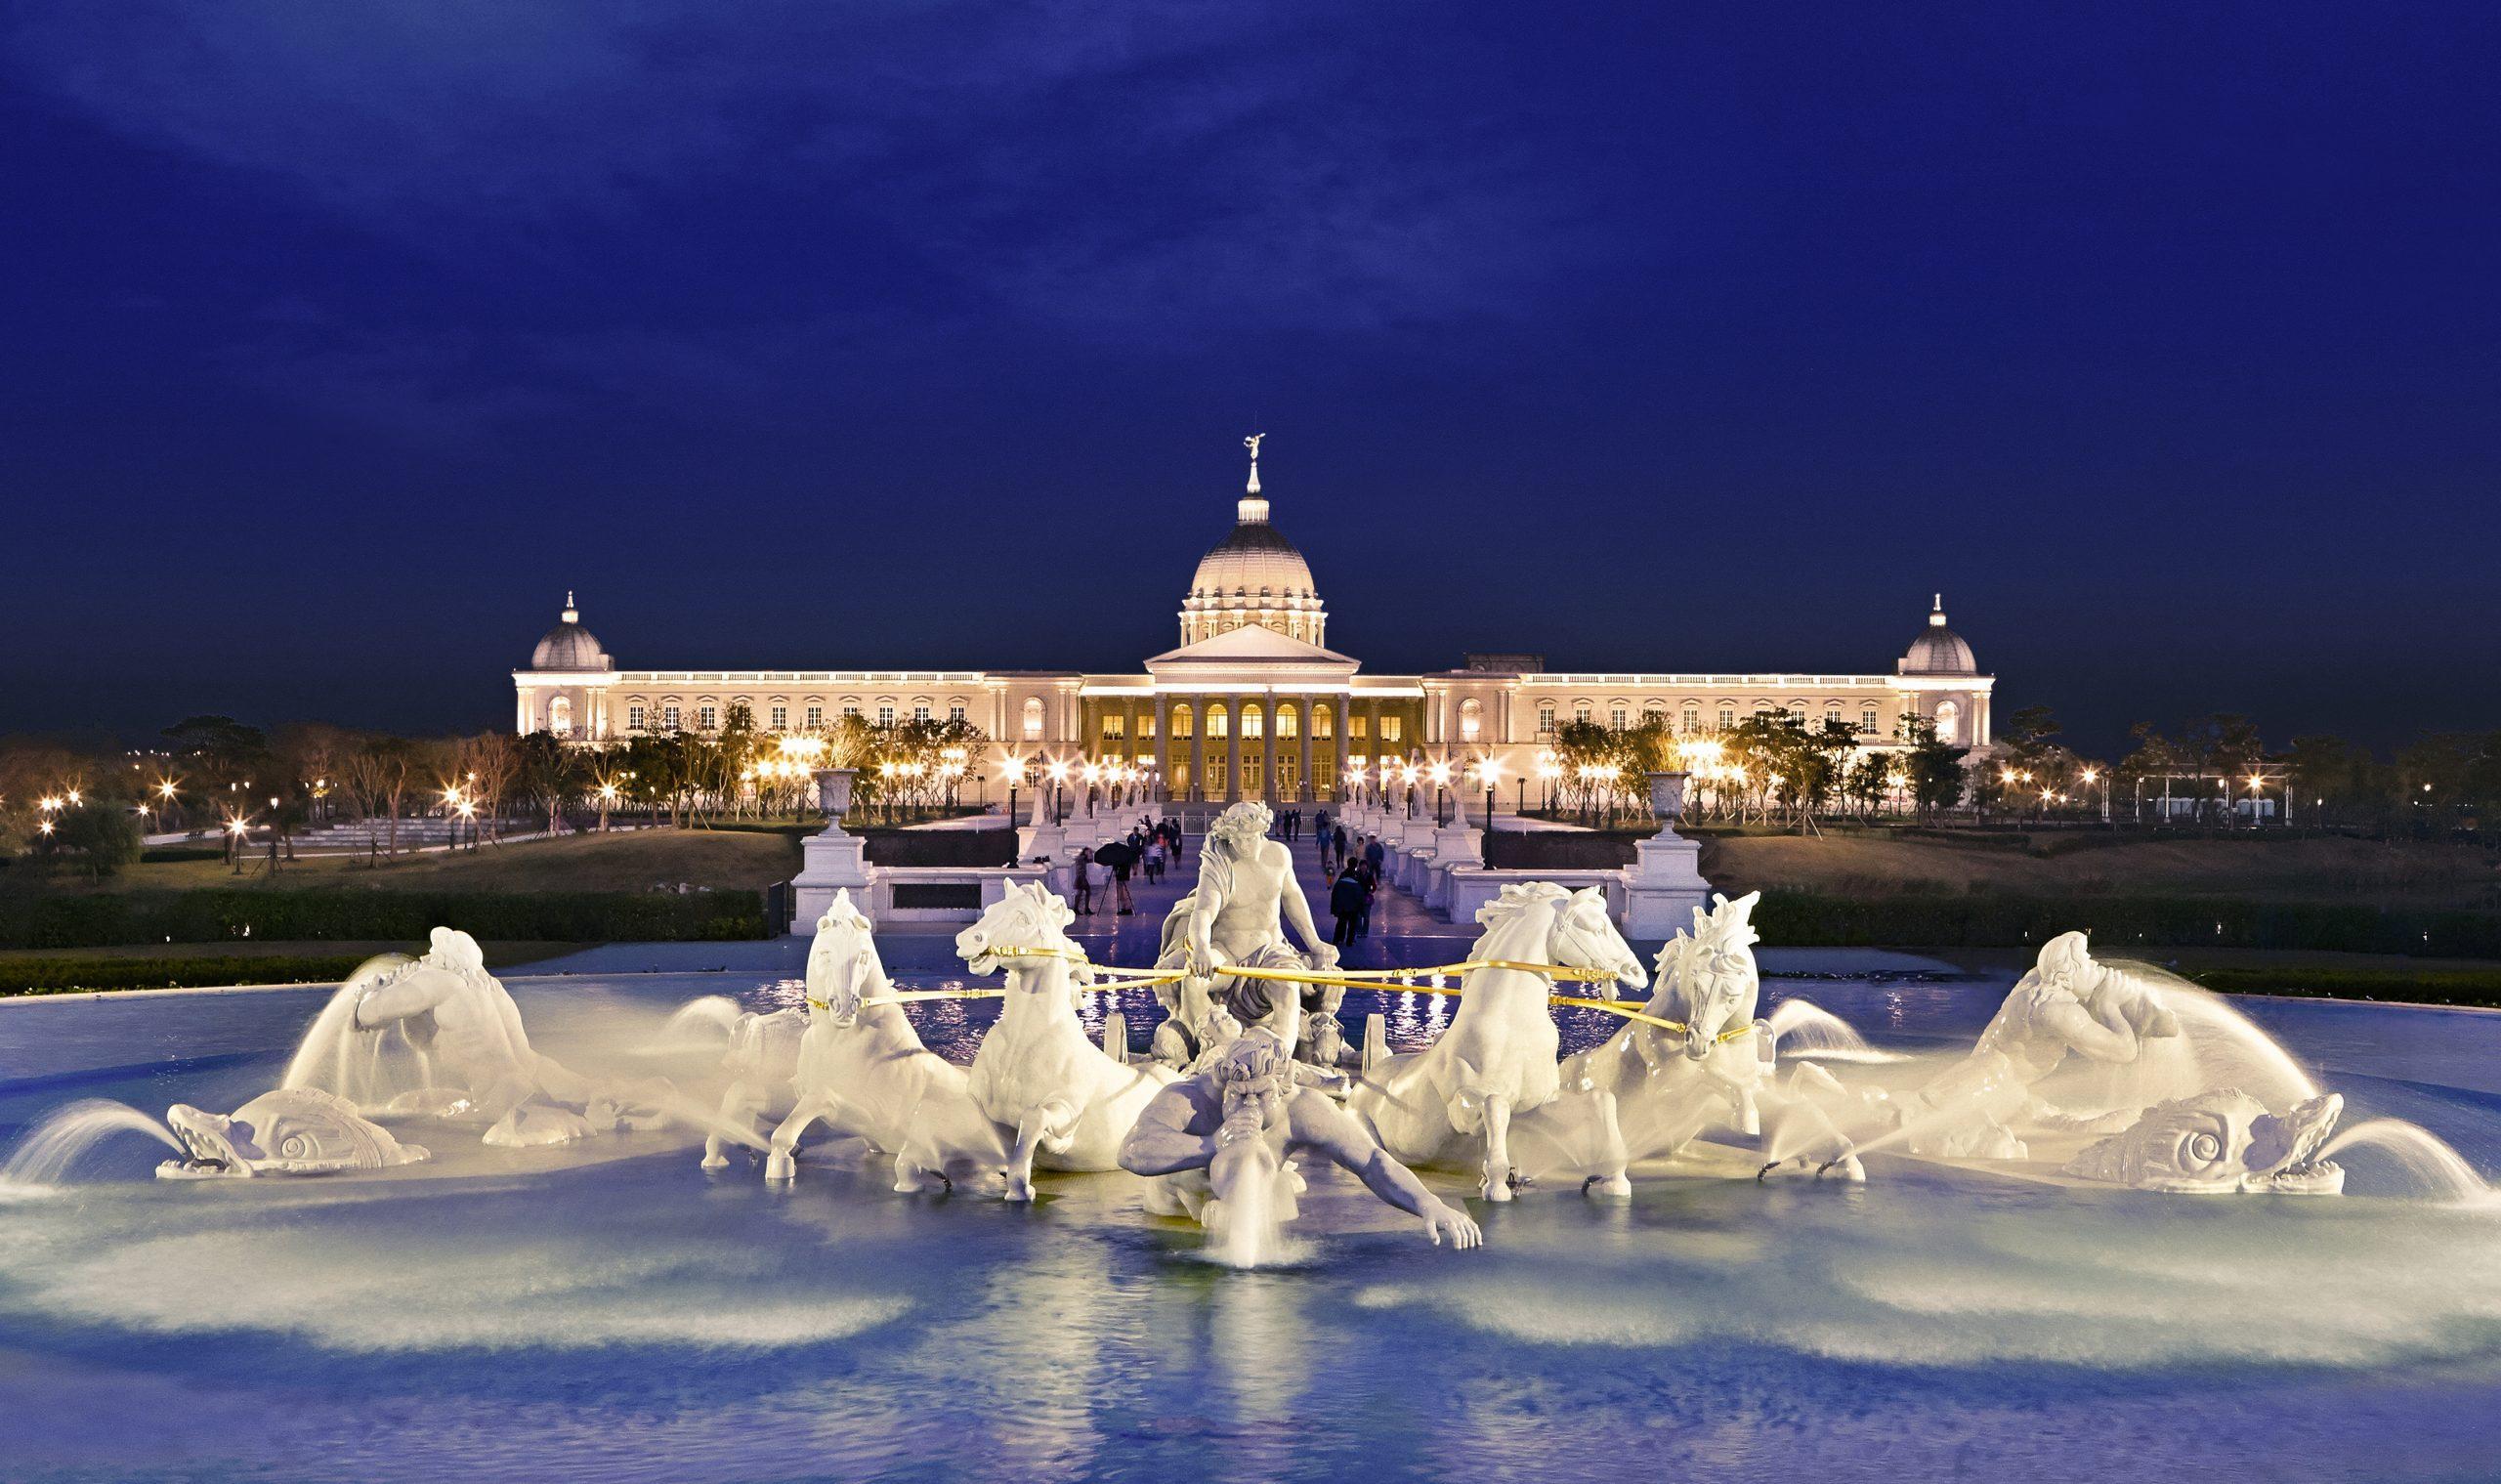 奇美博物館2020 阿波羅噴泉